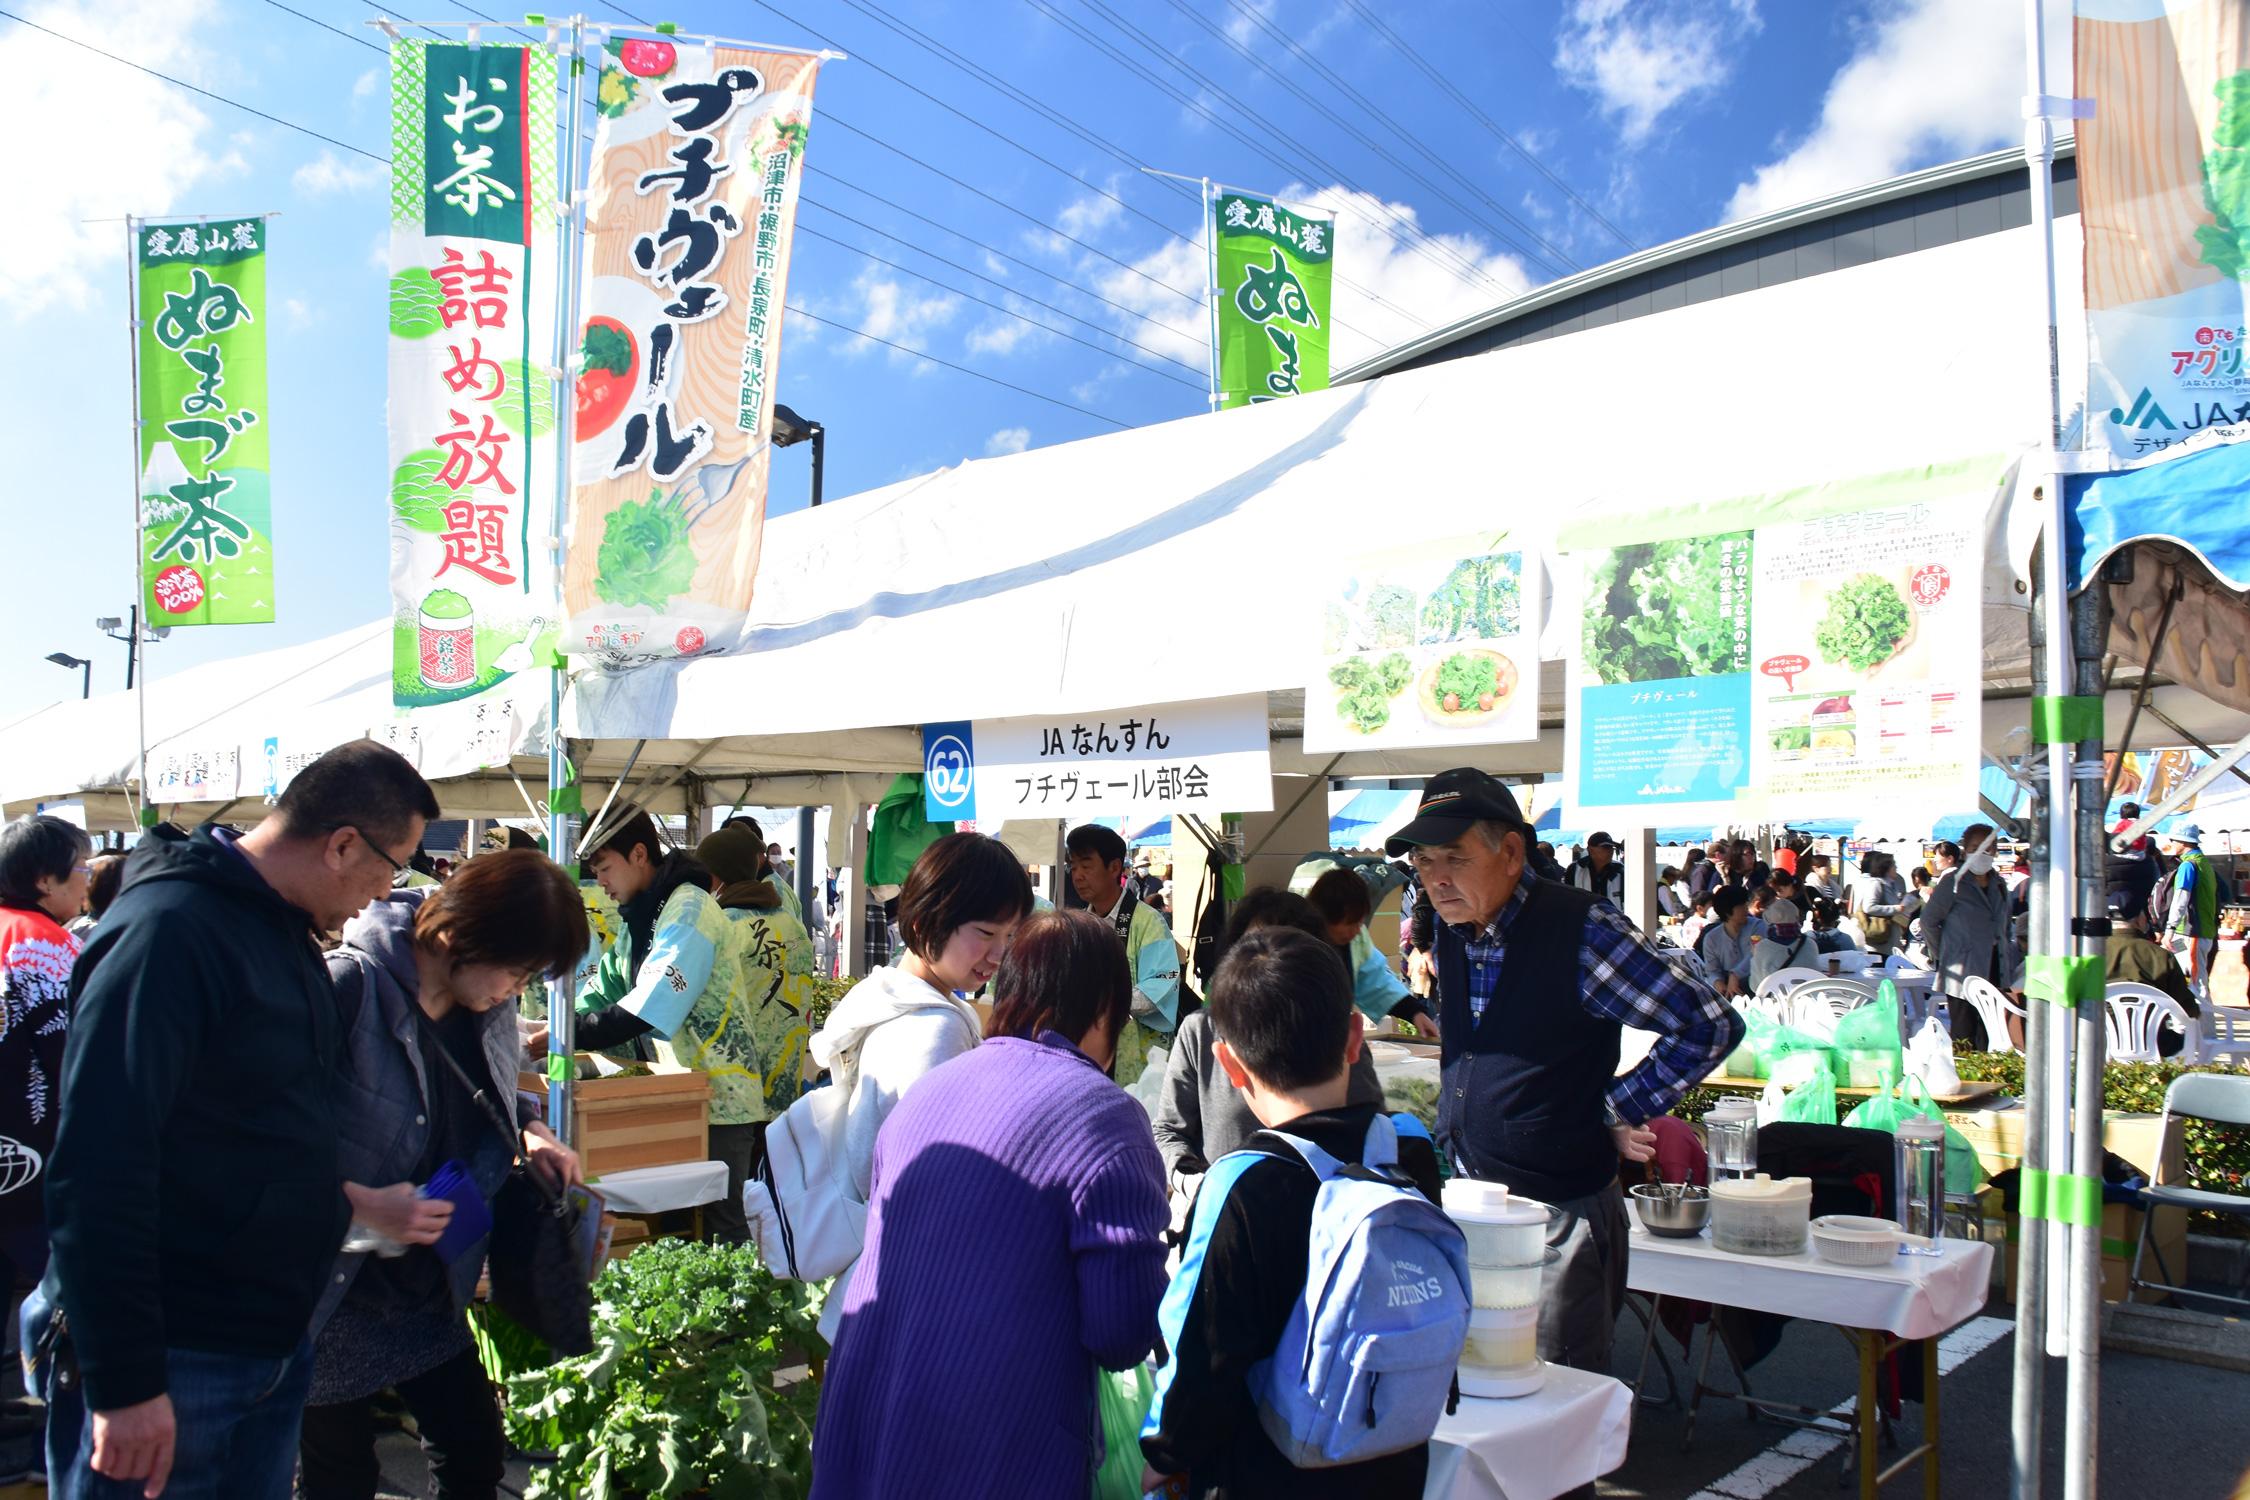 第24回 長泉町産業祭の写真